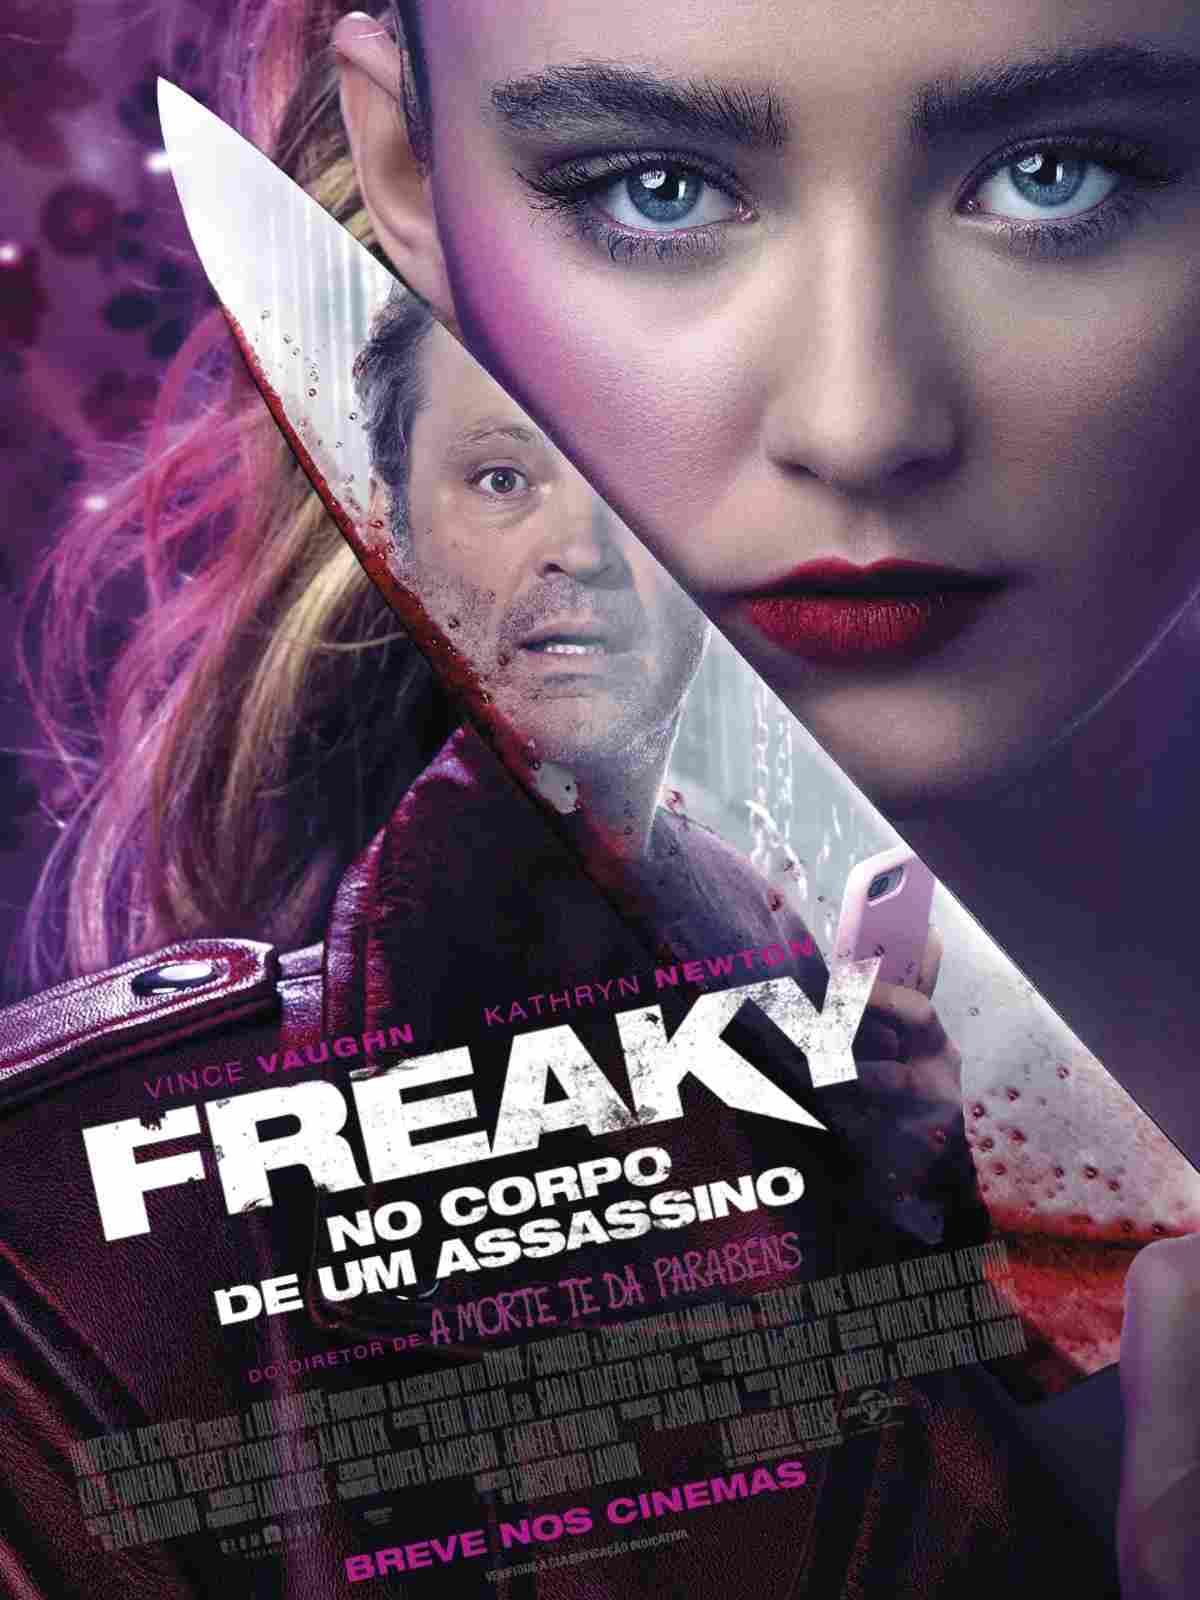 freaky no corpo de um assassino poster - Freaky: No Corpo de um Assassino  | Comédia de troca de corpos entre uma adolescente e um serial killer